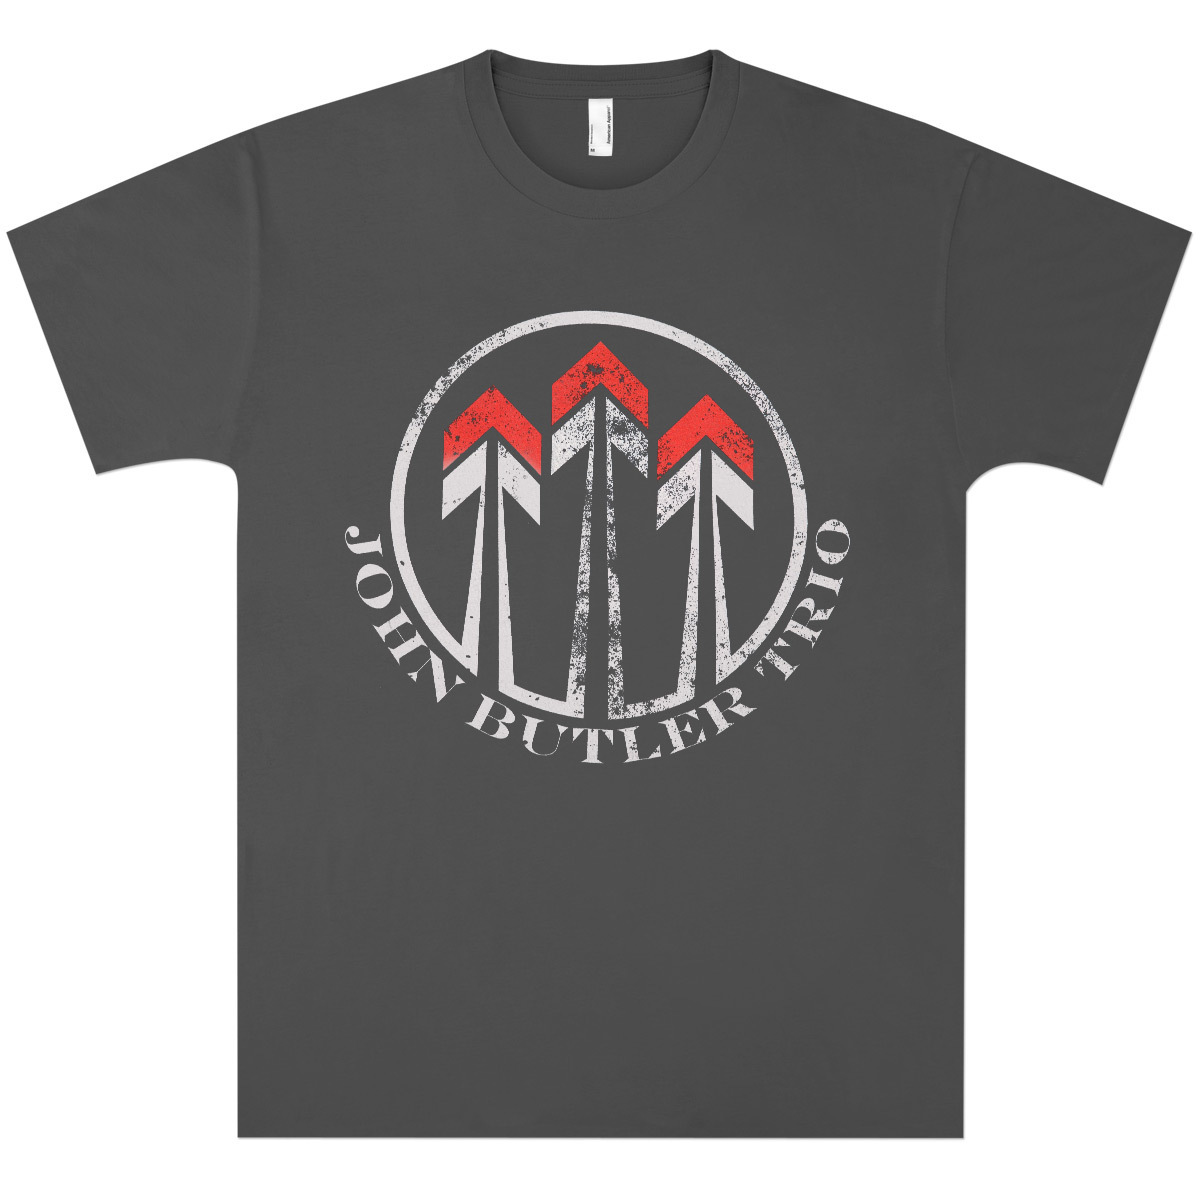 John Butler Trio Arrows T-shirt